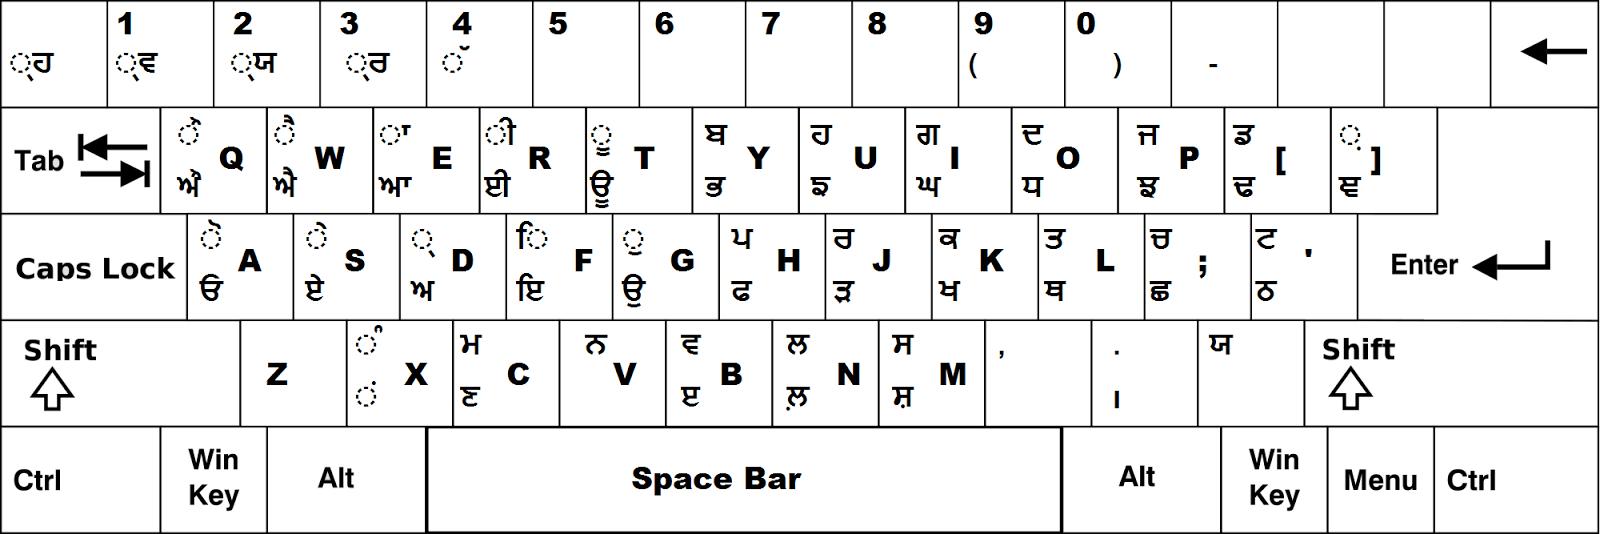 punjabi raavi font keyboard